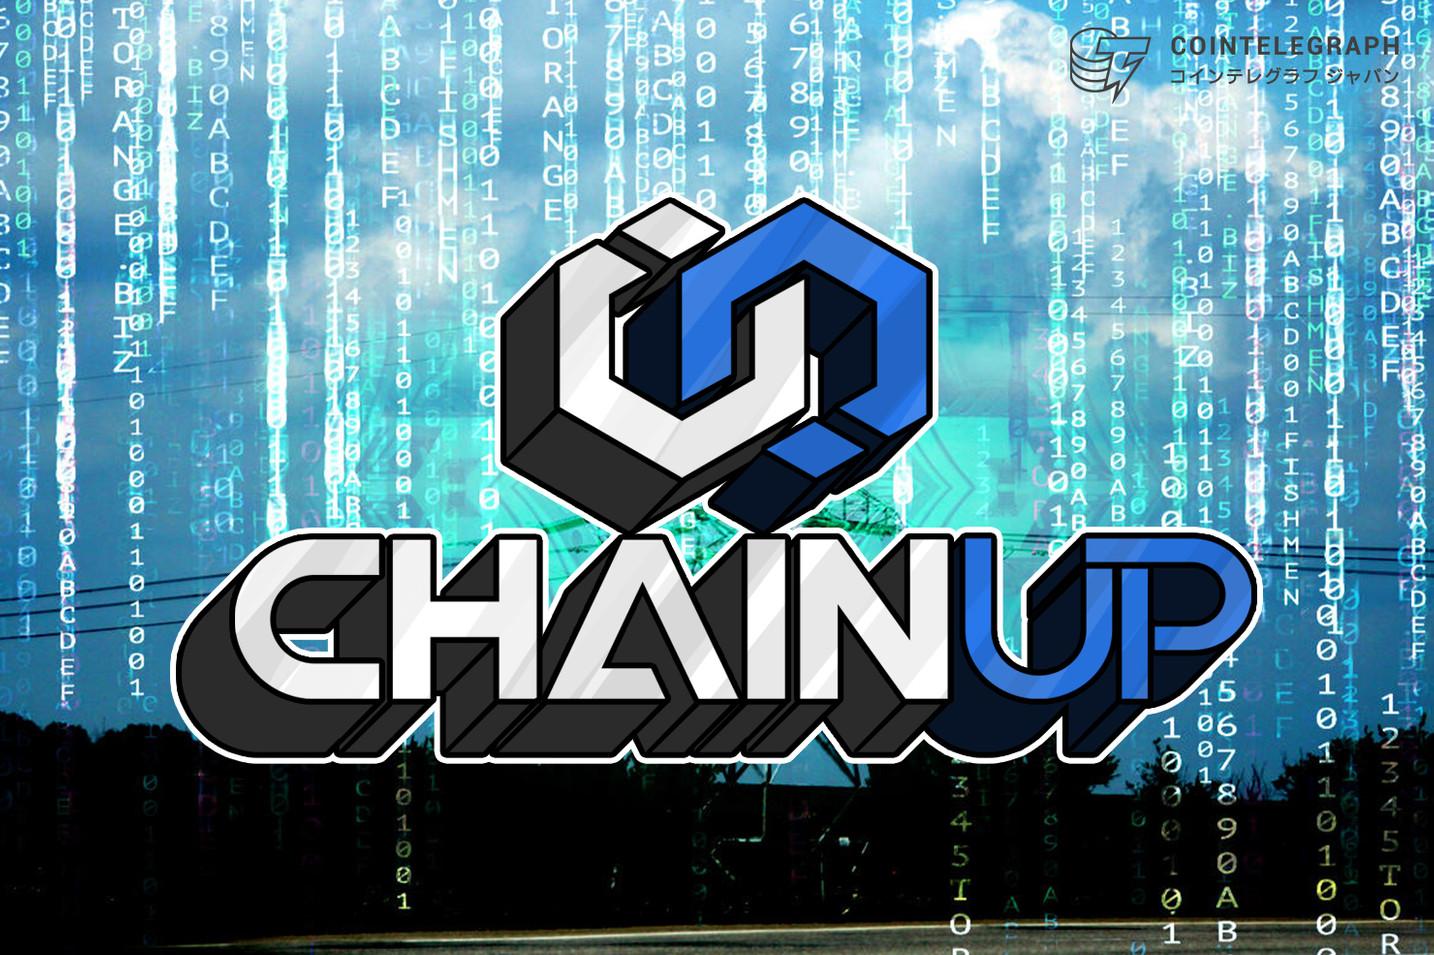 ChainUP(チェーンアップ)はブロックチェーン金融デリバティブの独立ブランドであるEXUPを立ち上げ、ETF取引システムに関するソリューションを提供可能に